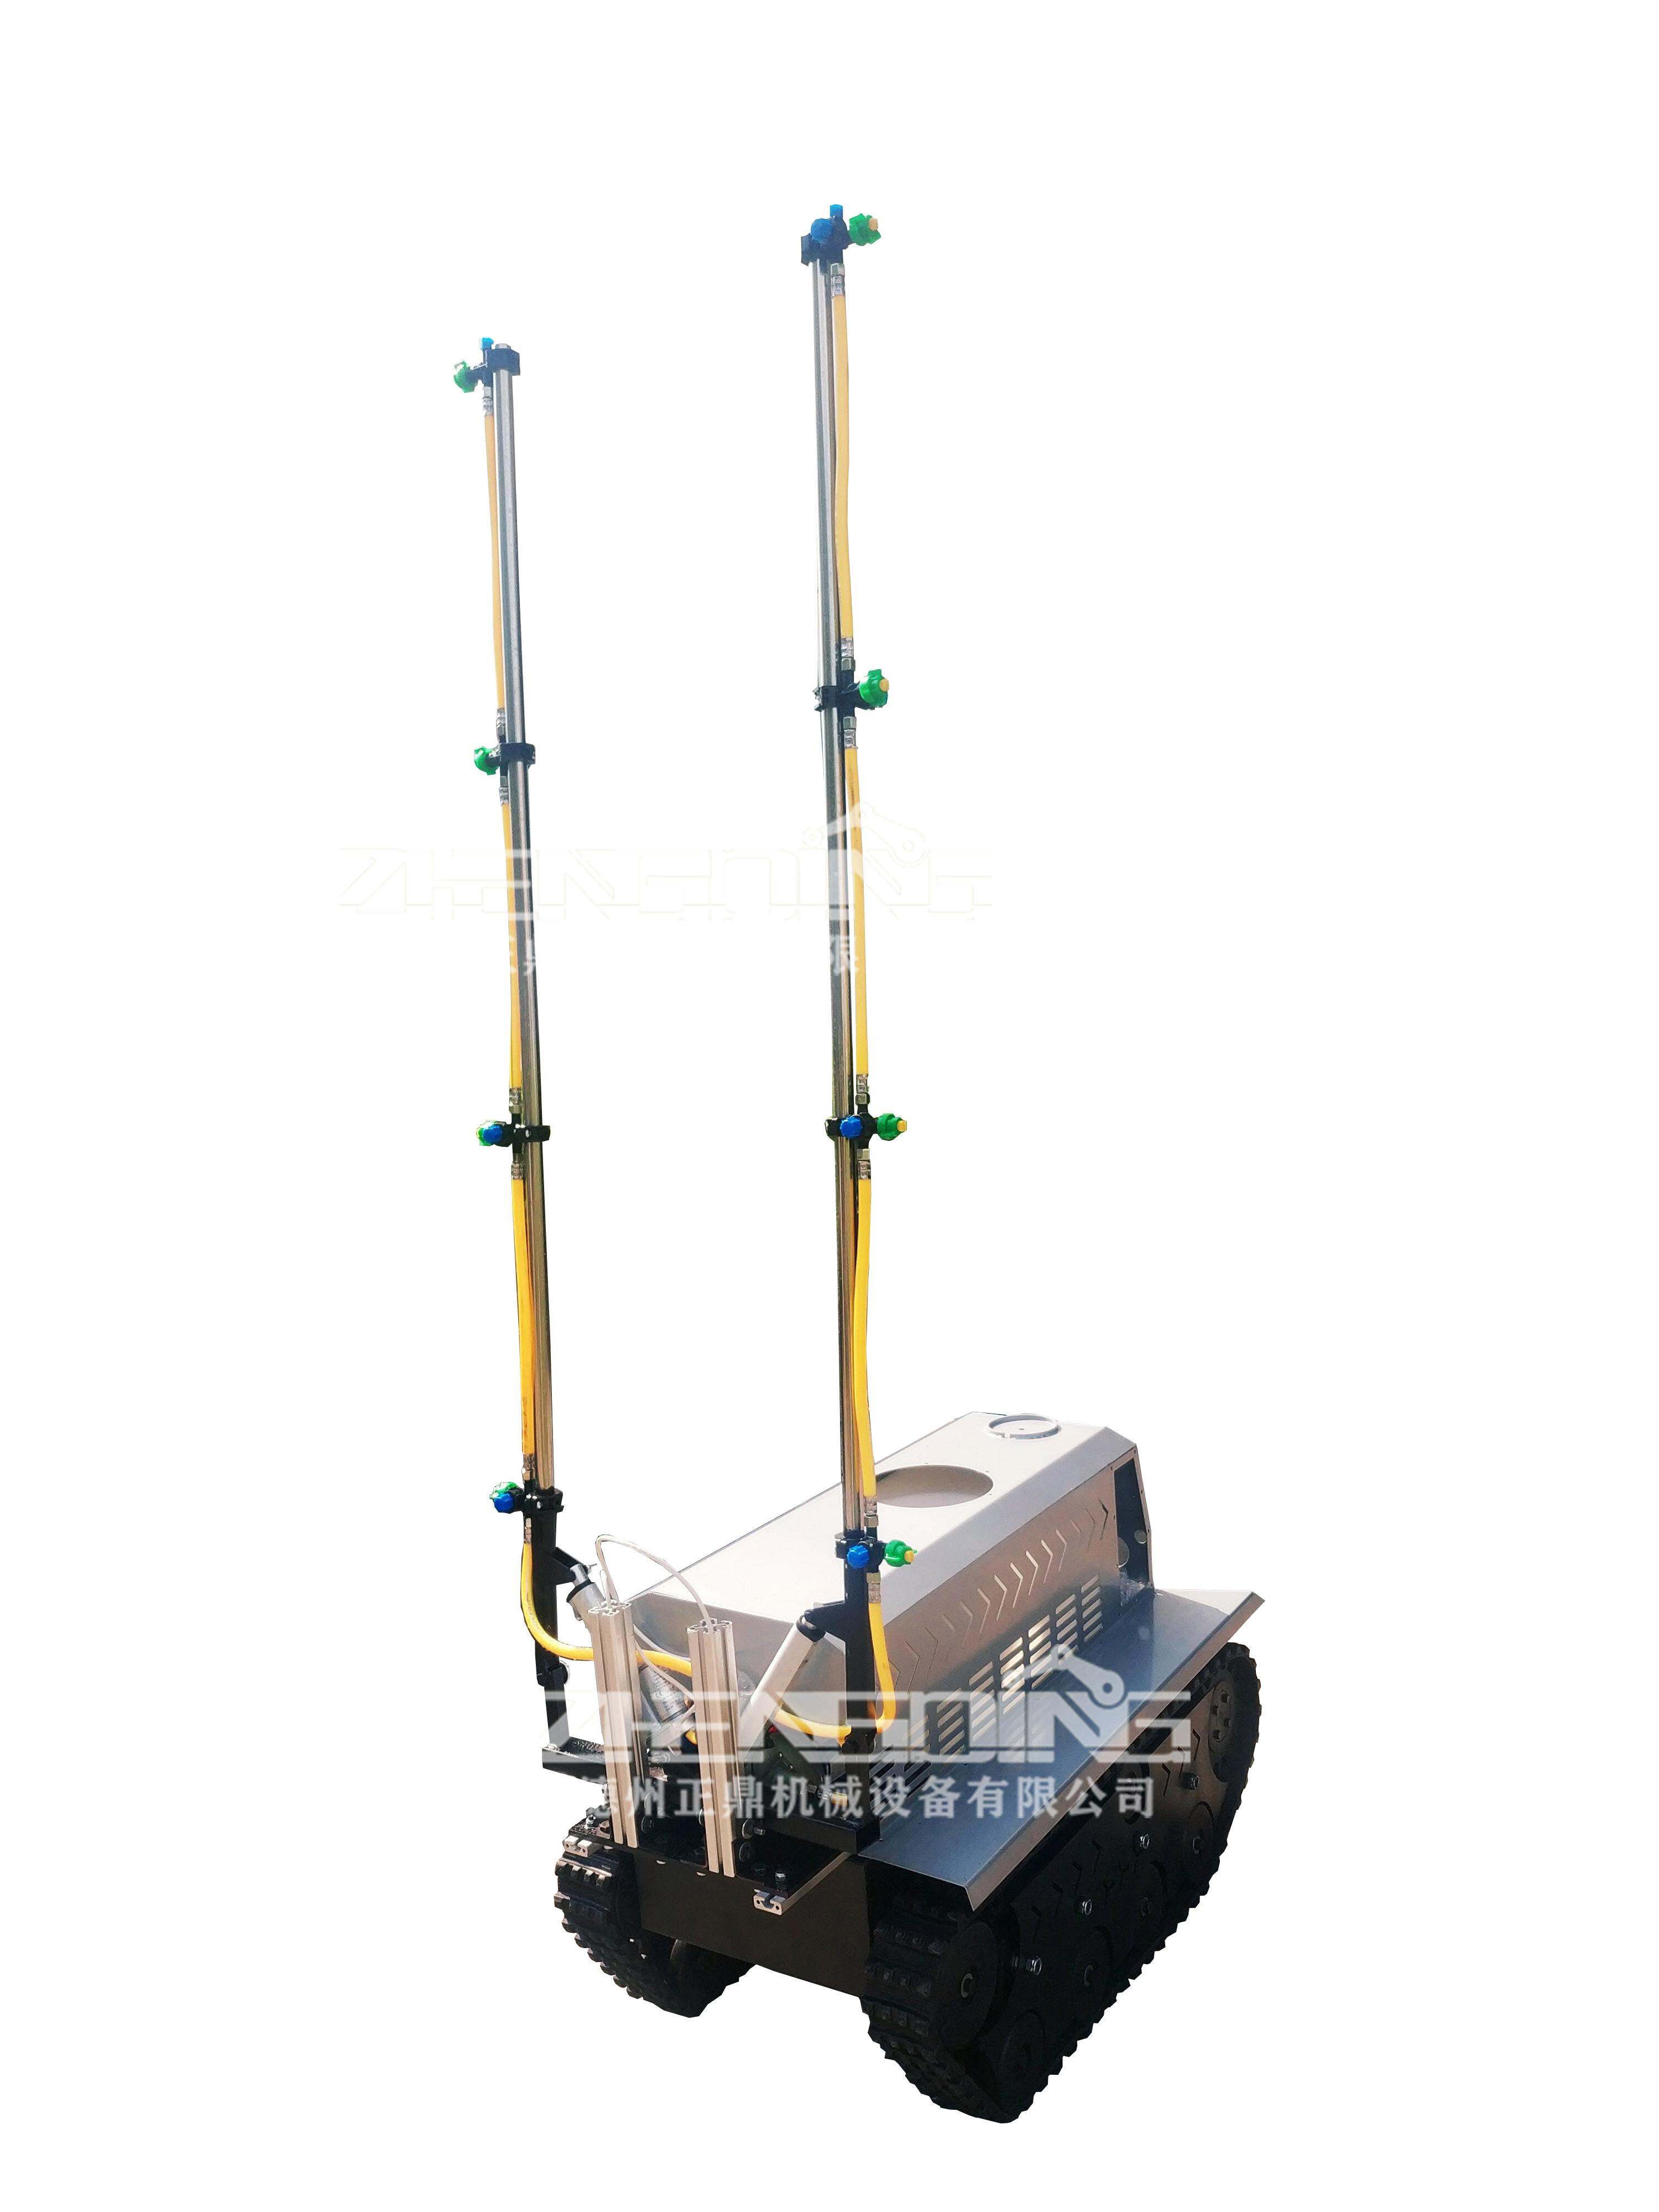 ZDDP-ZKZN-100橡胶履带底盘